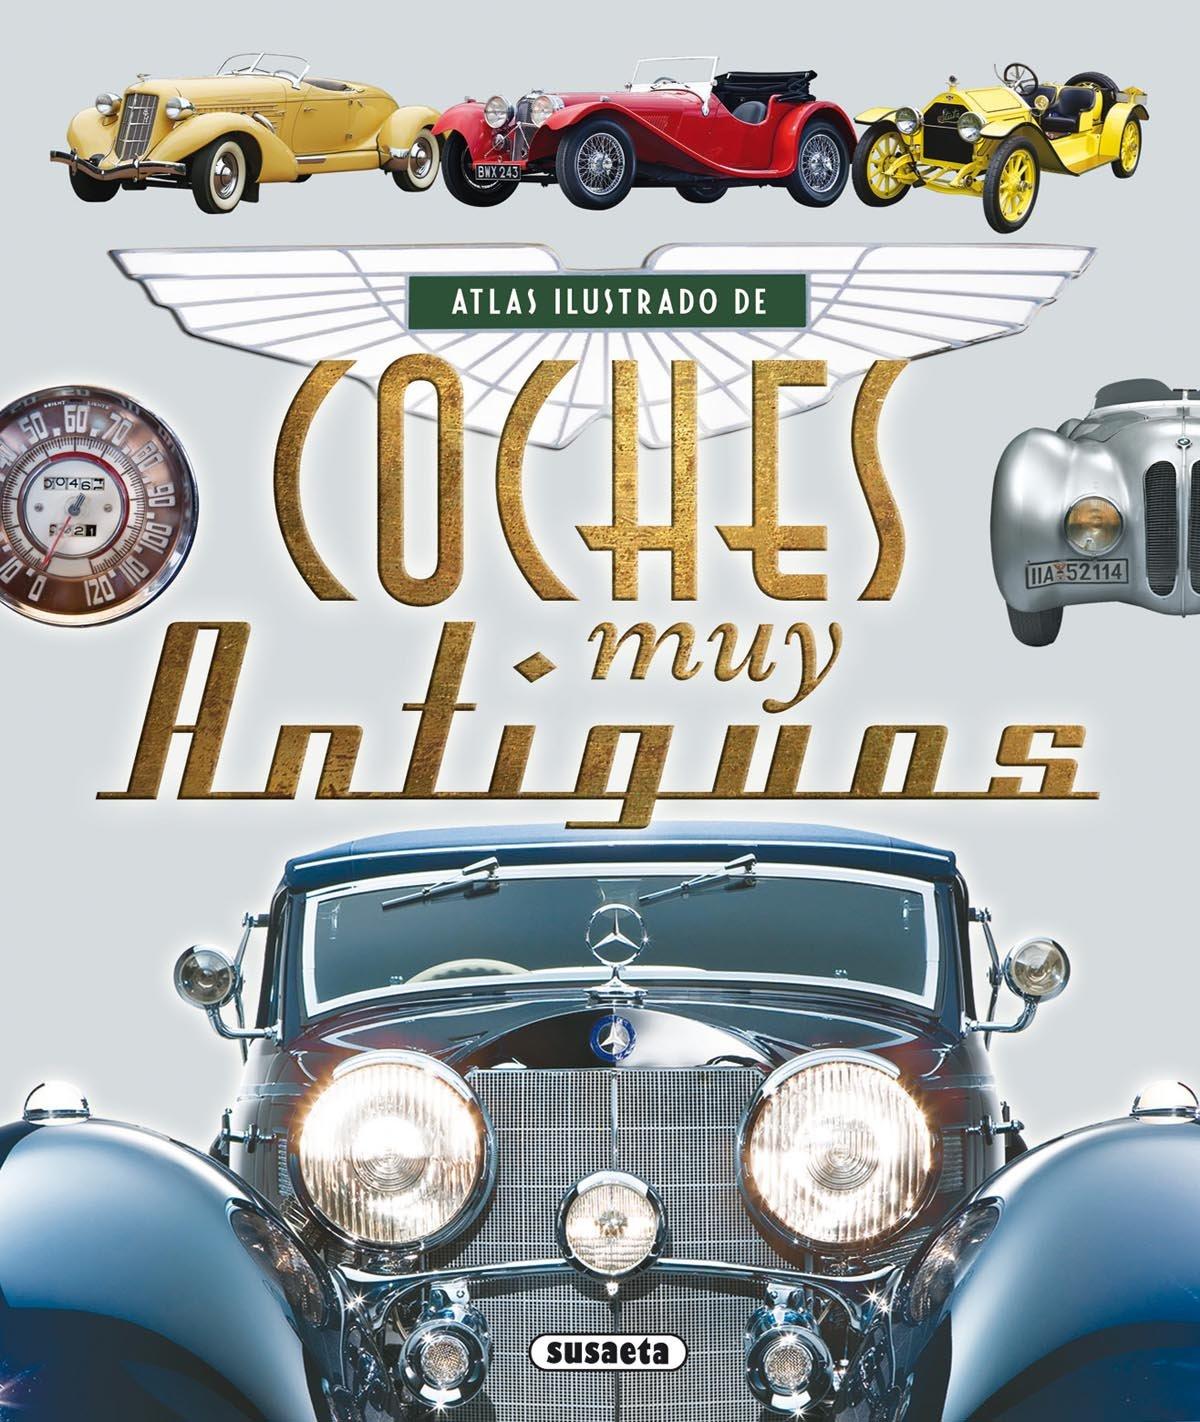 Atlas ilustrado de coches muy antiguos: Amazon.es: Juan ...